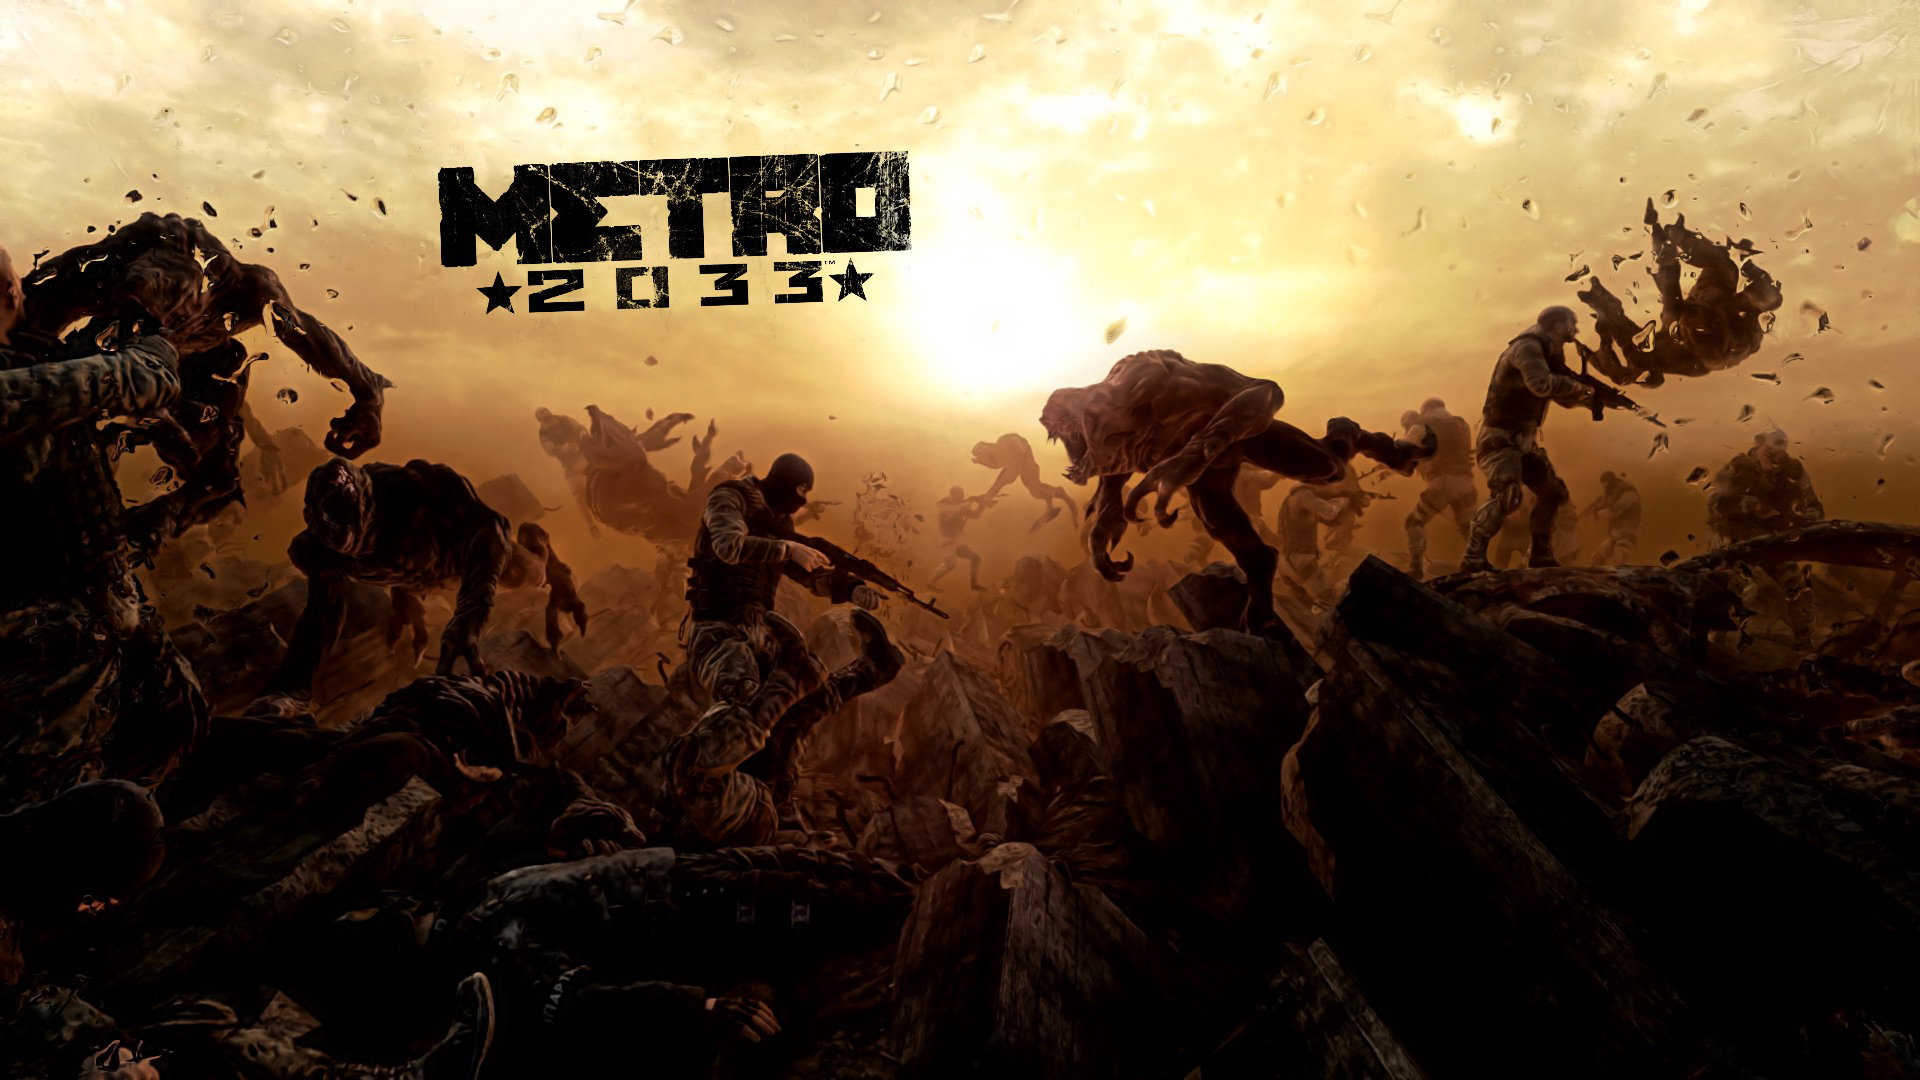 metro 2033 redux computer wallpapers desktop backgrounds